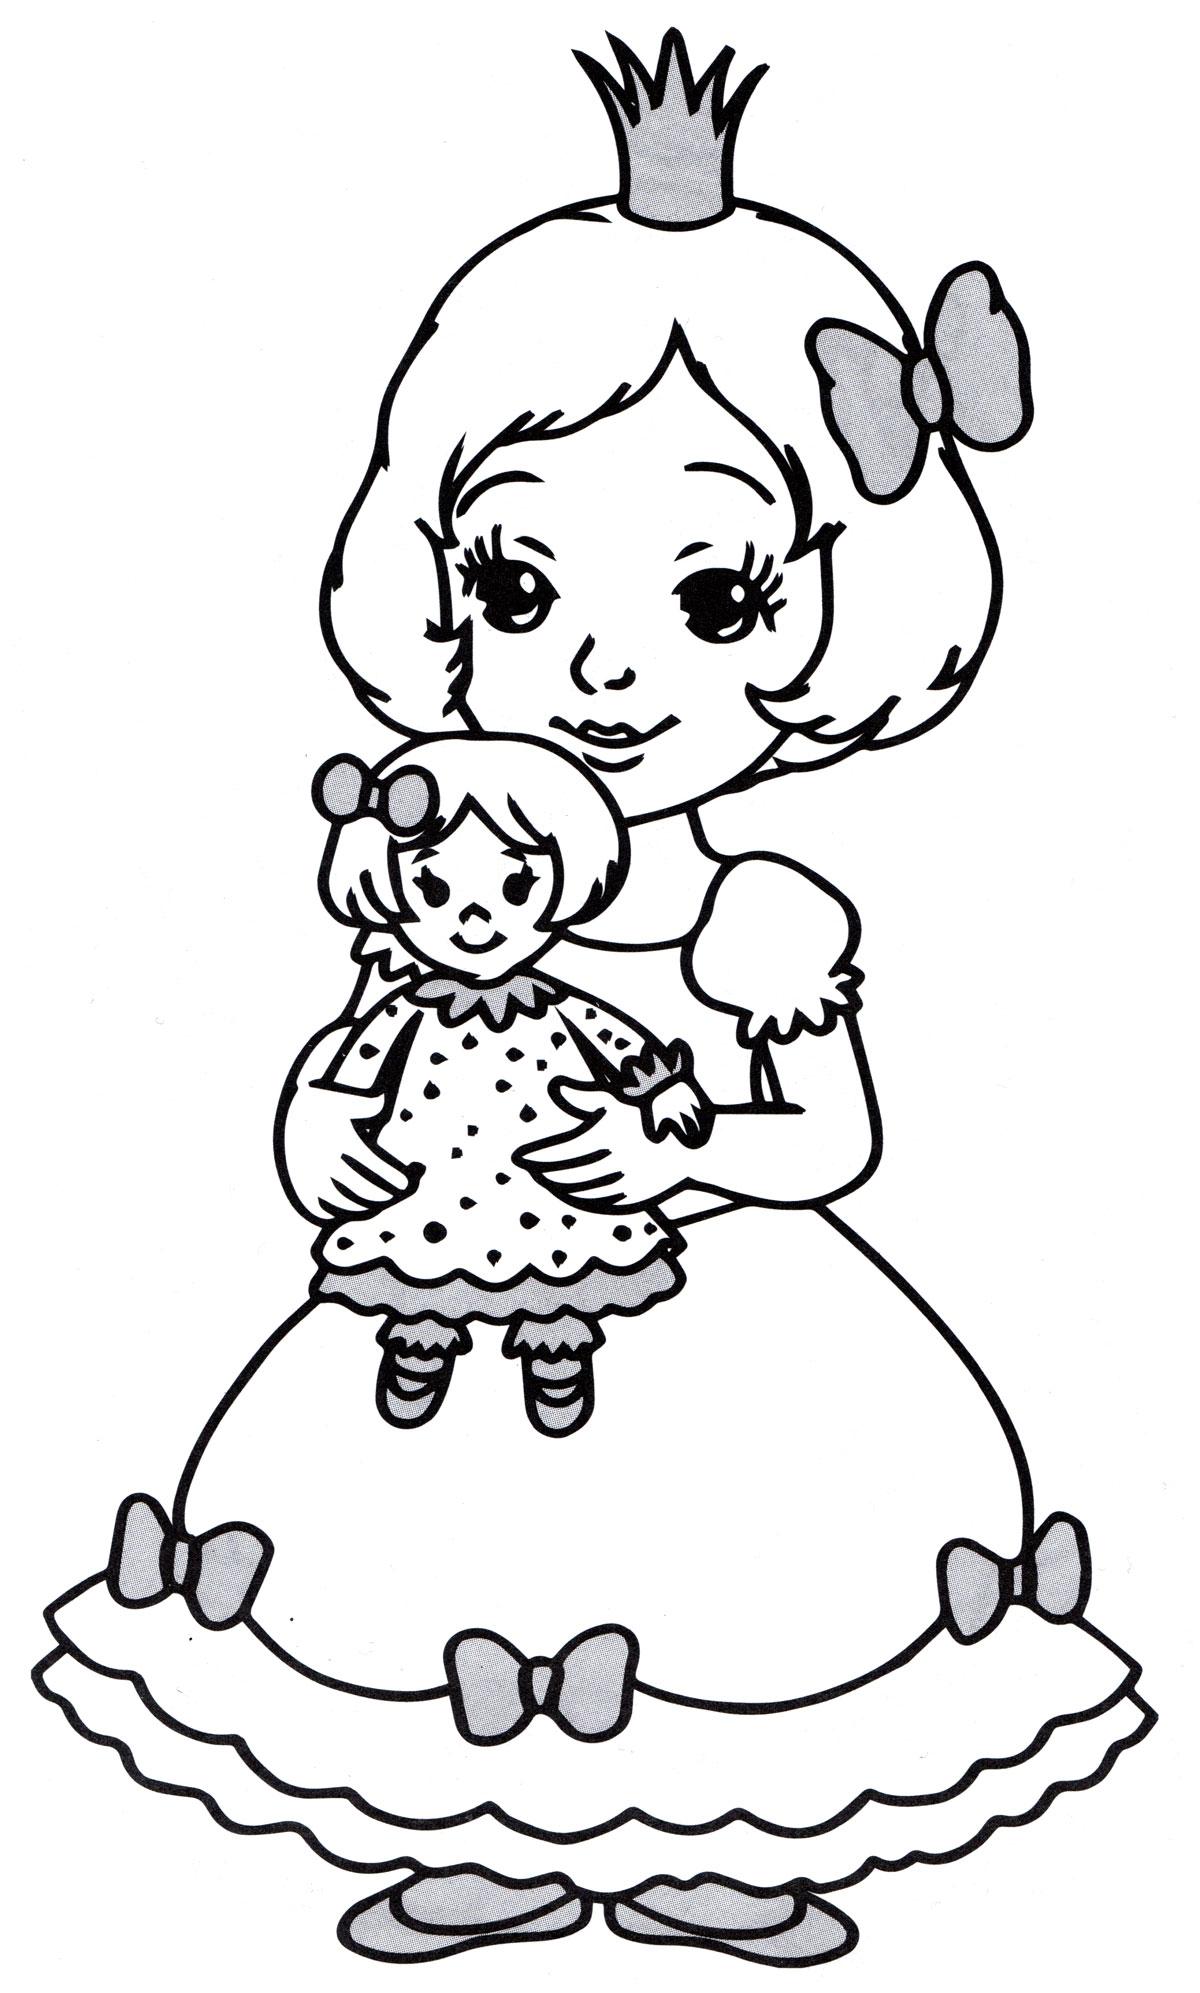 Раскраска Принцесса с куклой - распечатать бесплатно